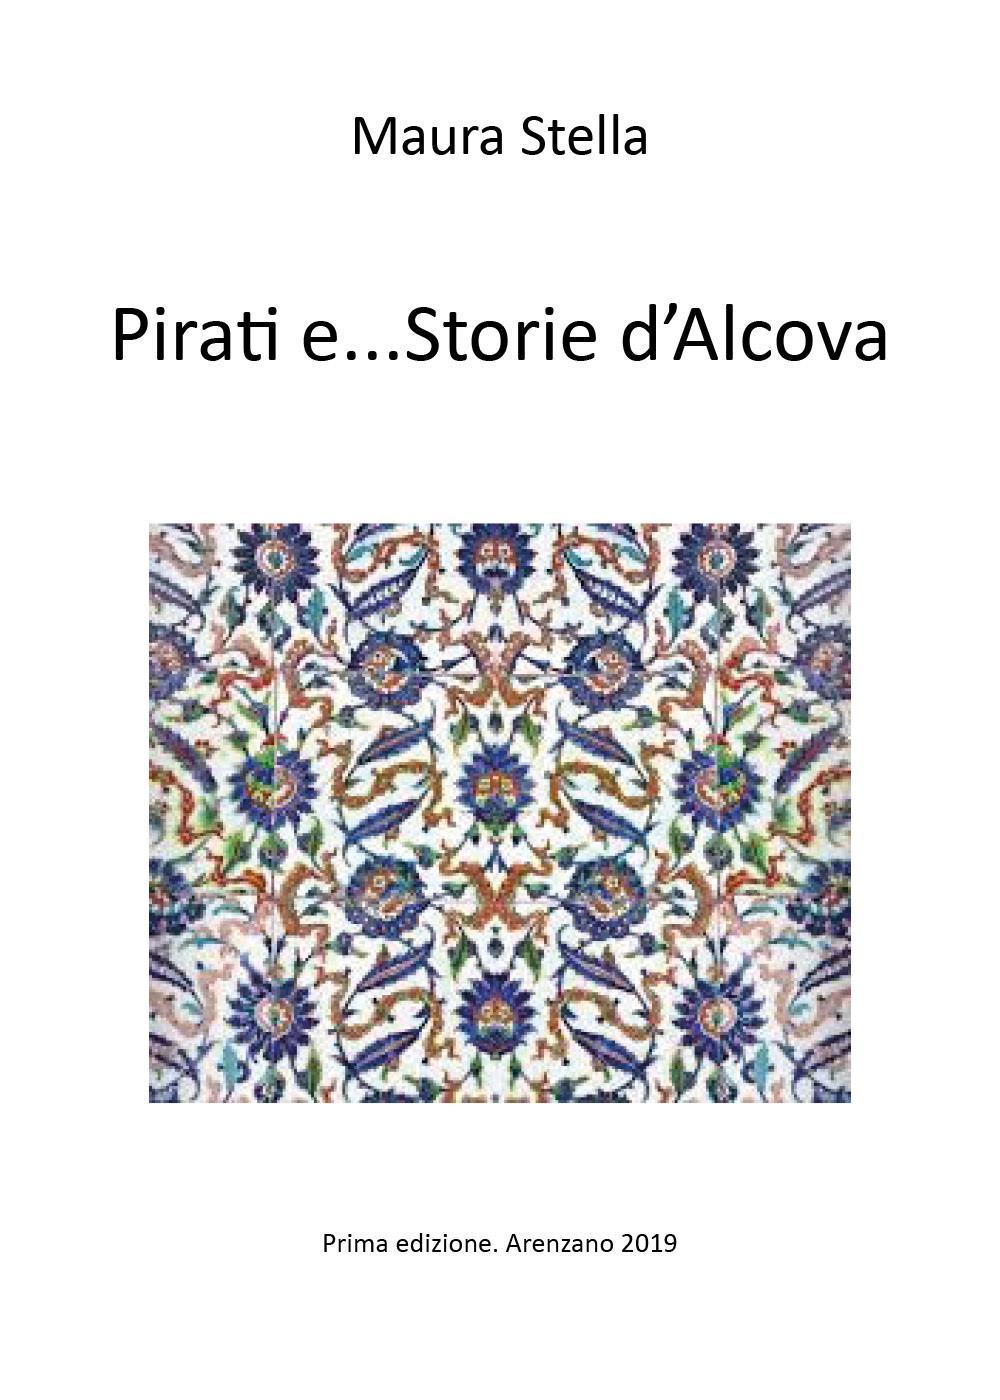 Pirati e...Storie d'Alcova